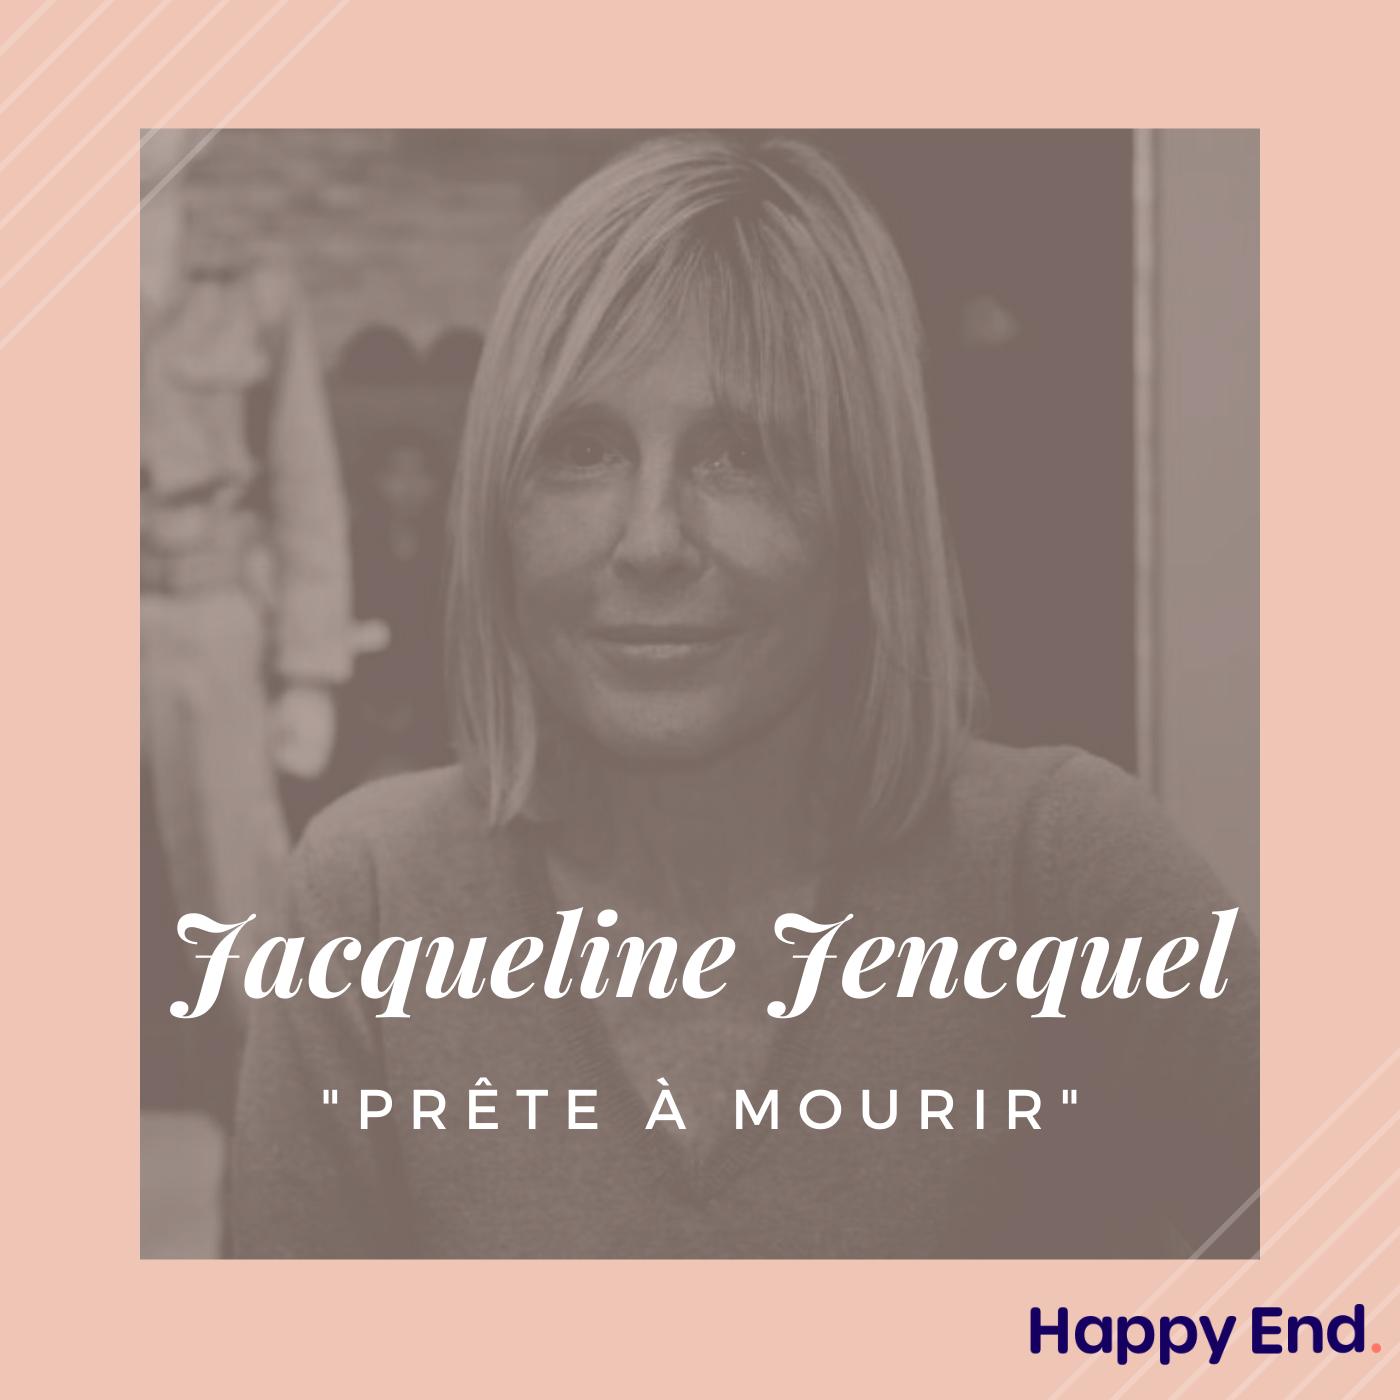 """#4 Jacqueline Jencquel  """"Je suis prête à mourir"""""""